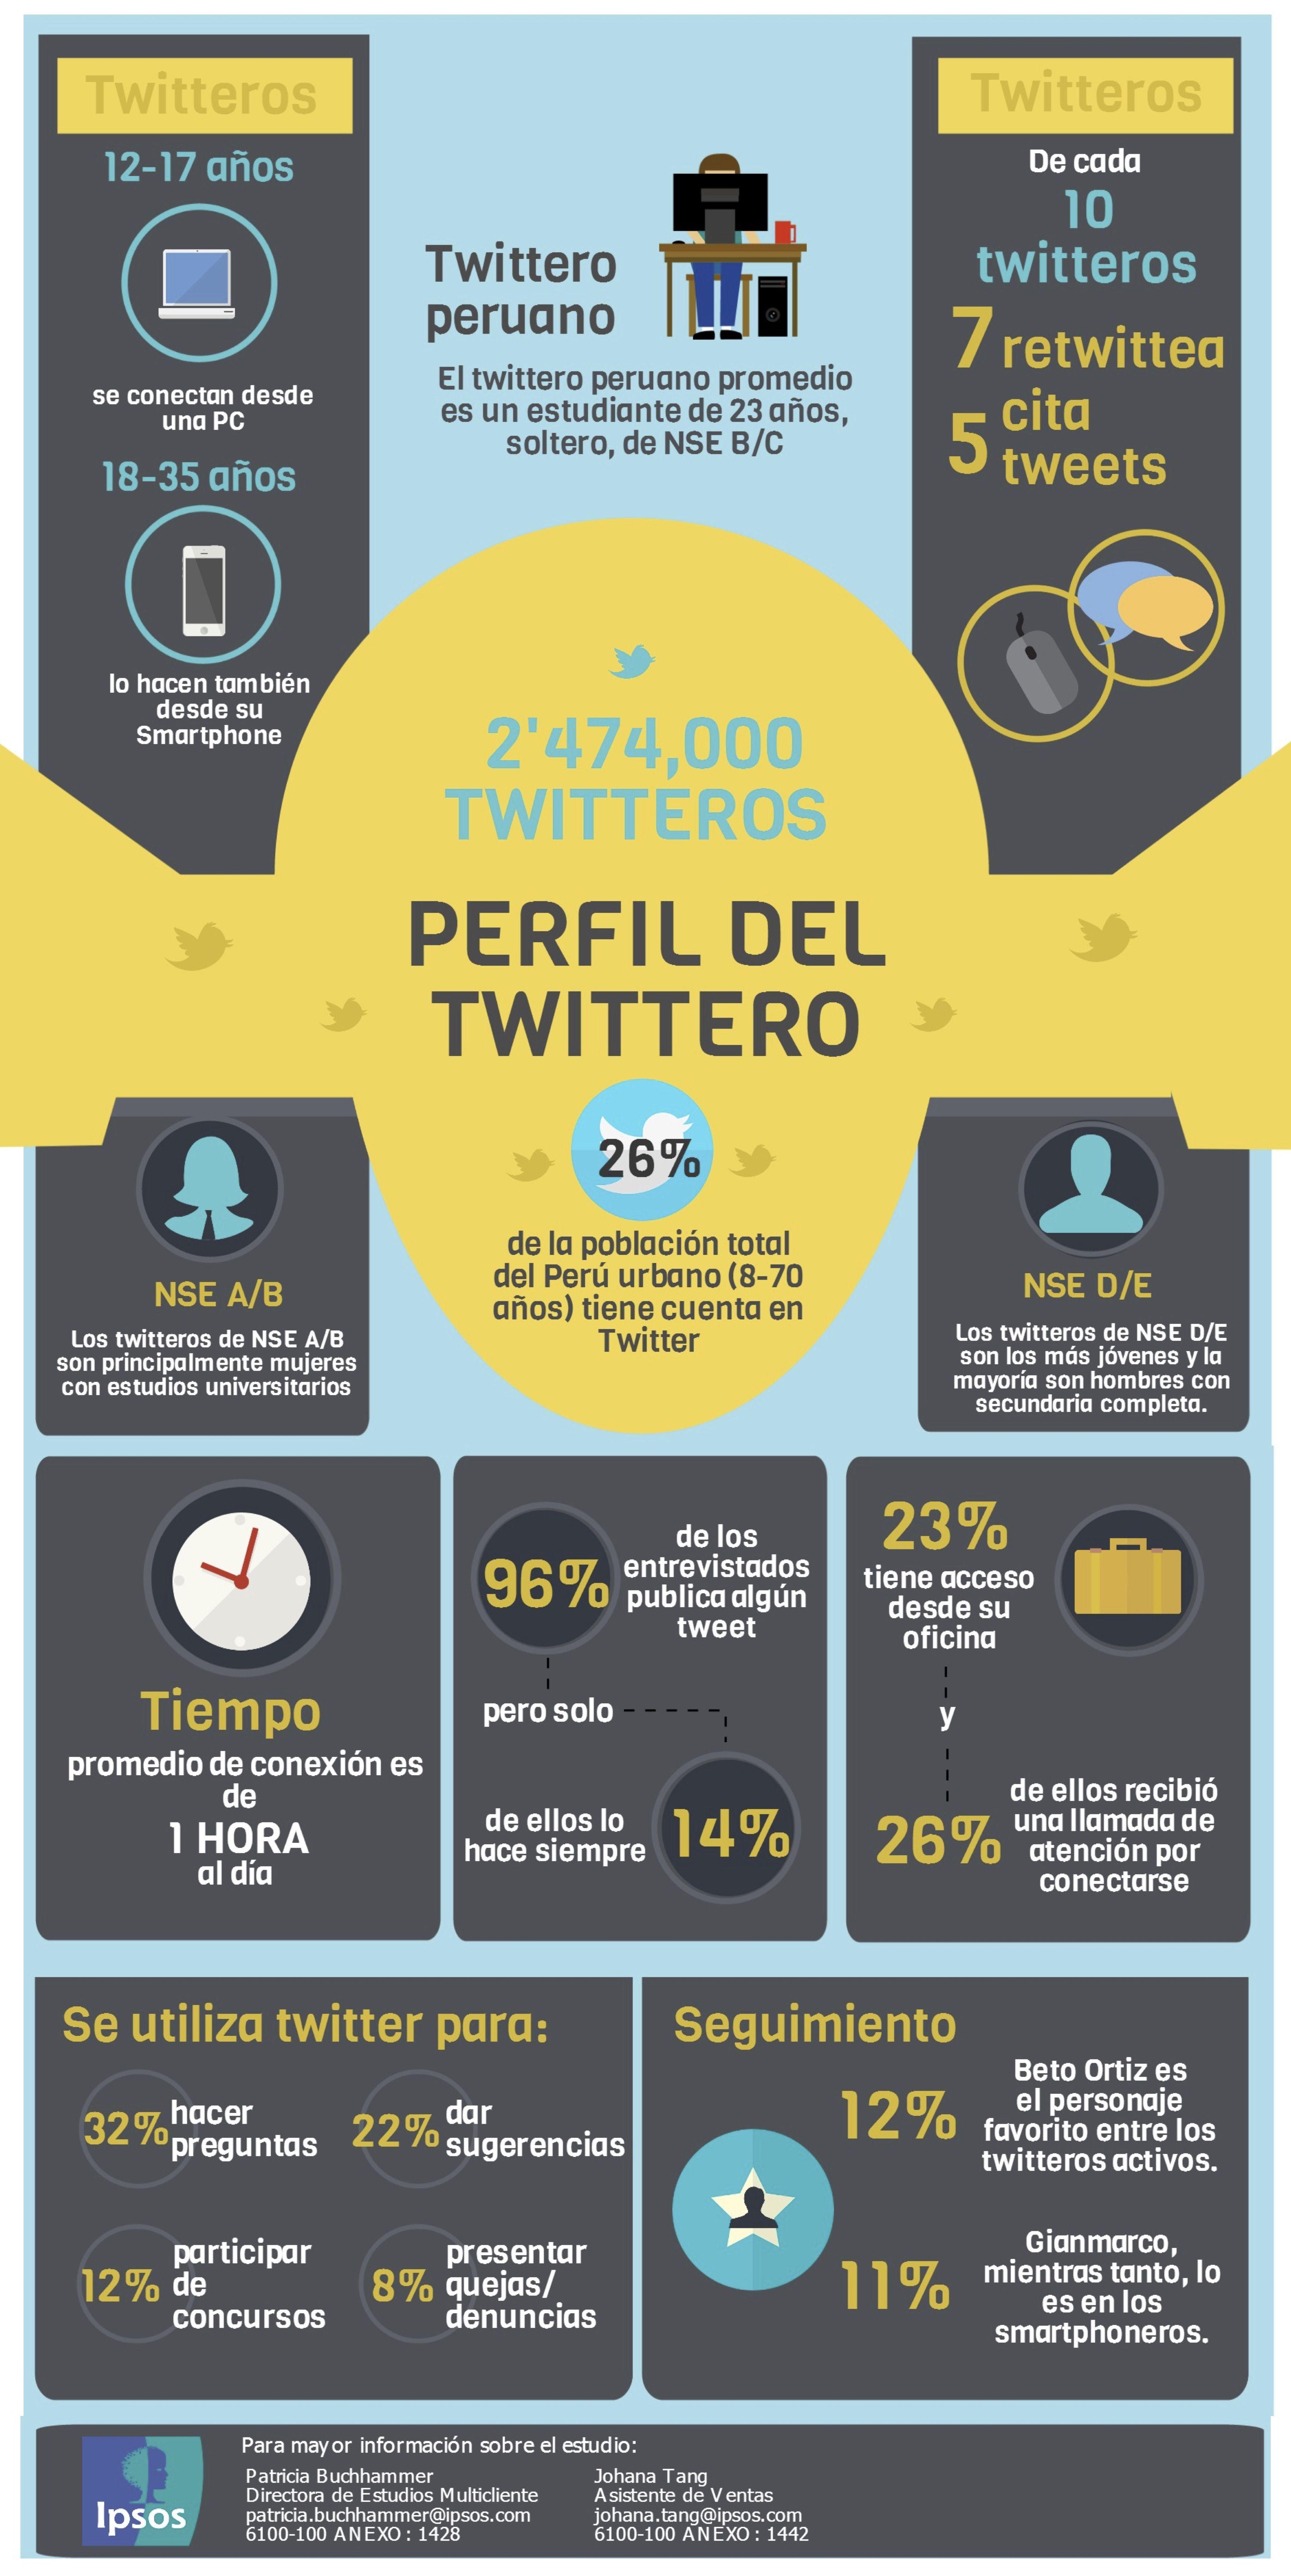 El perfil del tuitero peruano